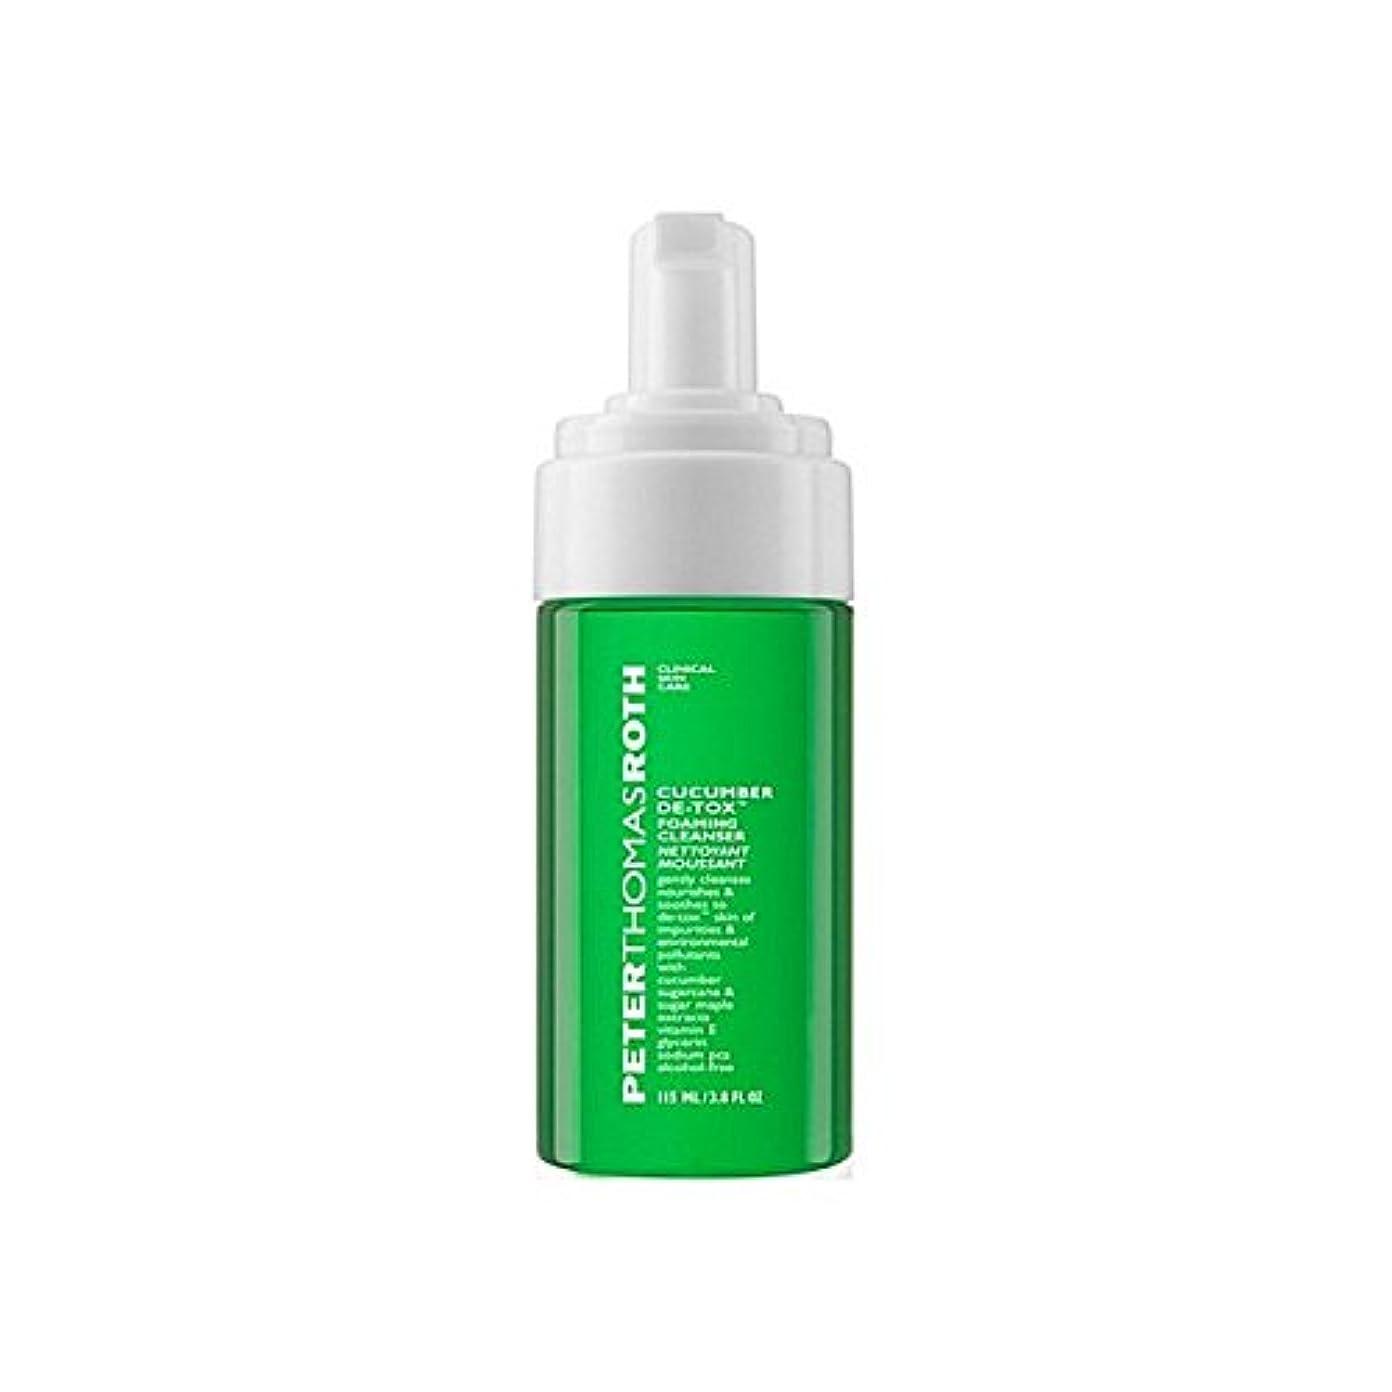 確立します繊維不屈ピータートーマスロスキュウリデ発泡クレンザー x2 - Peter Thomas Roth Cucumber De-Tox Foaming Cleanser (Pack of 2) [並行輸入品]